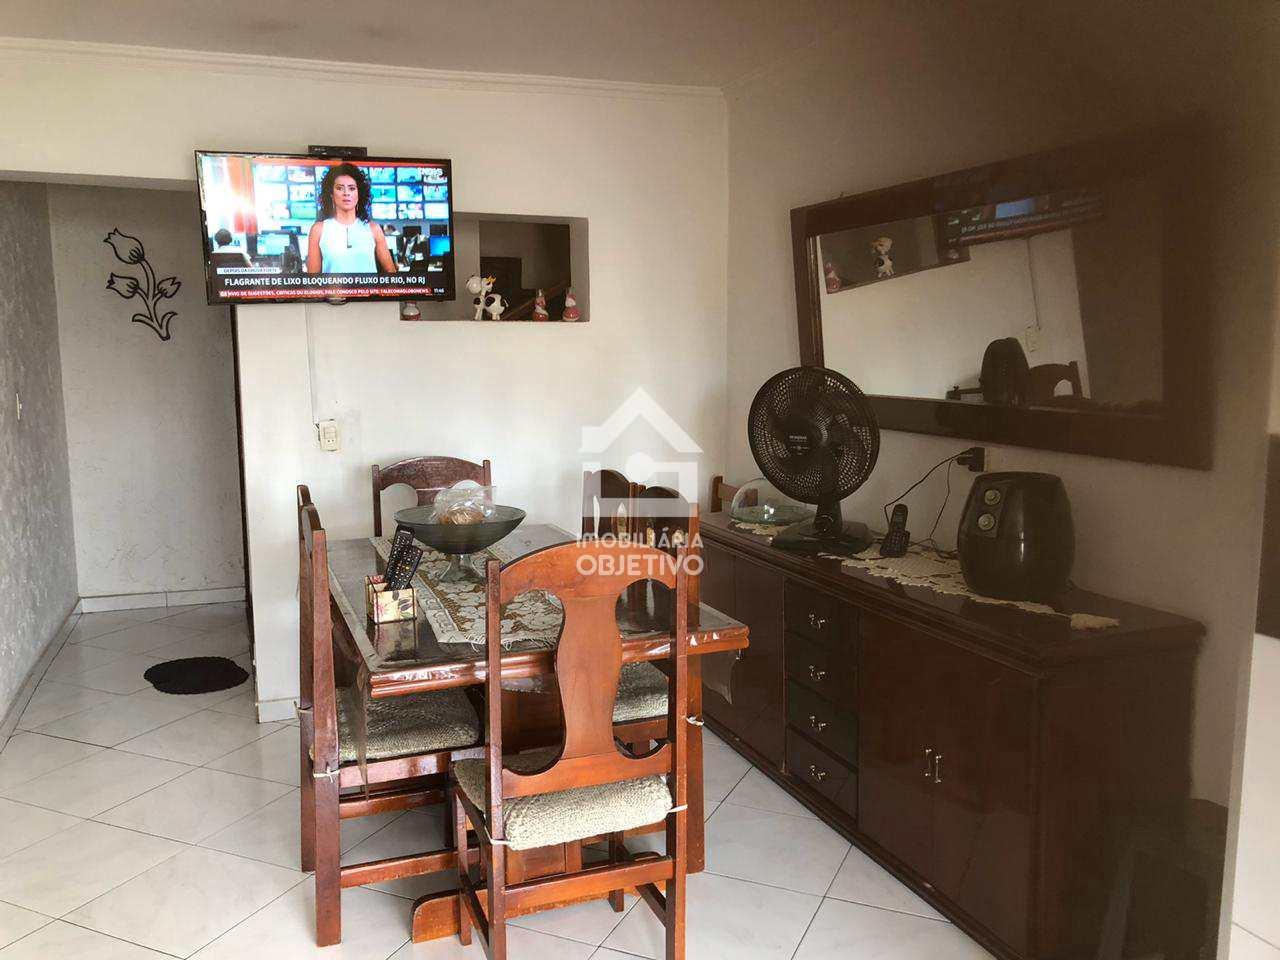 Sobrado com 3 dorms, Jardim Guayana, Taboão da Serra - R$ 395 mil, Cod: 3675